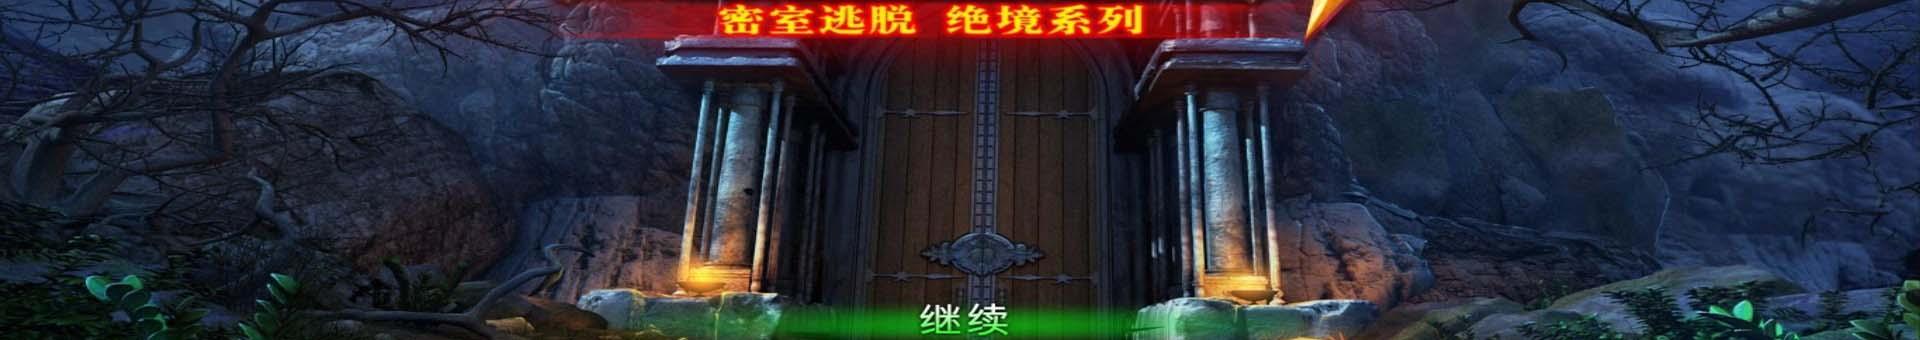 密室逃脱绝境系列10寻梦大作战